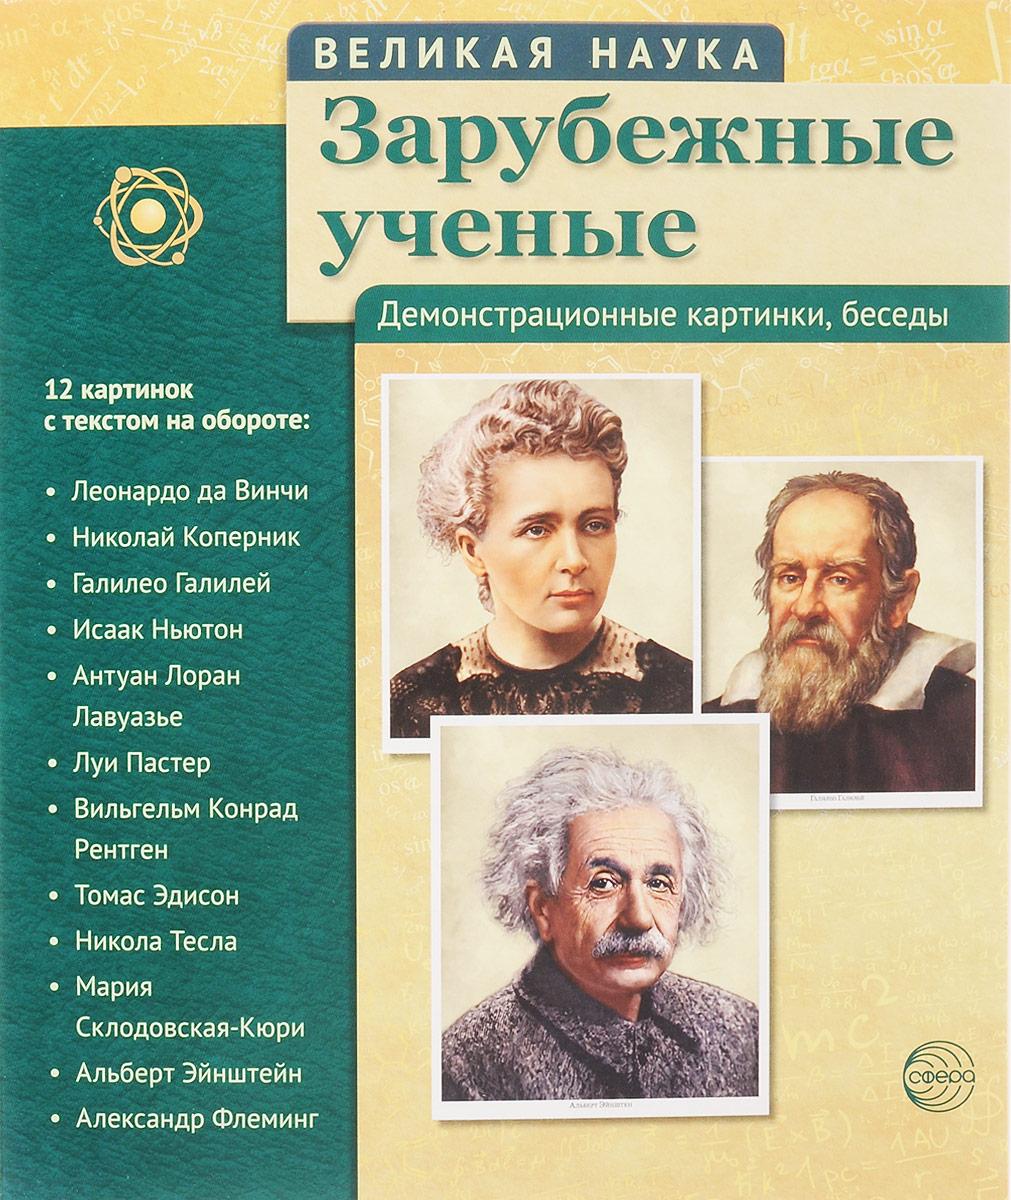 Т. В. Цветкова Зарубежные ученые. Демонстрационные картинки, беседы (набор из 12 карточек) стоимость